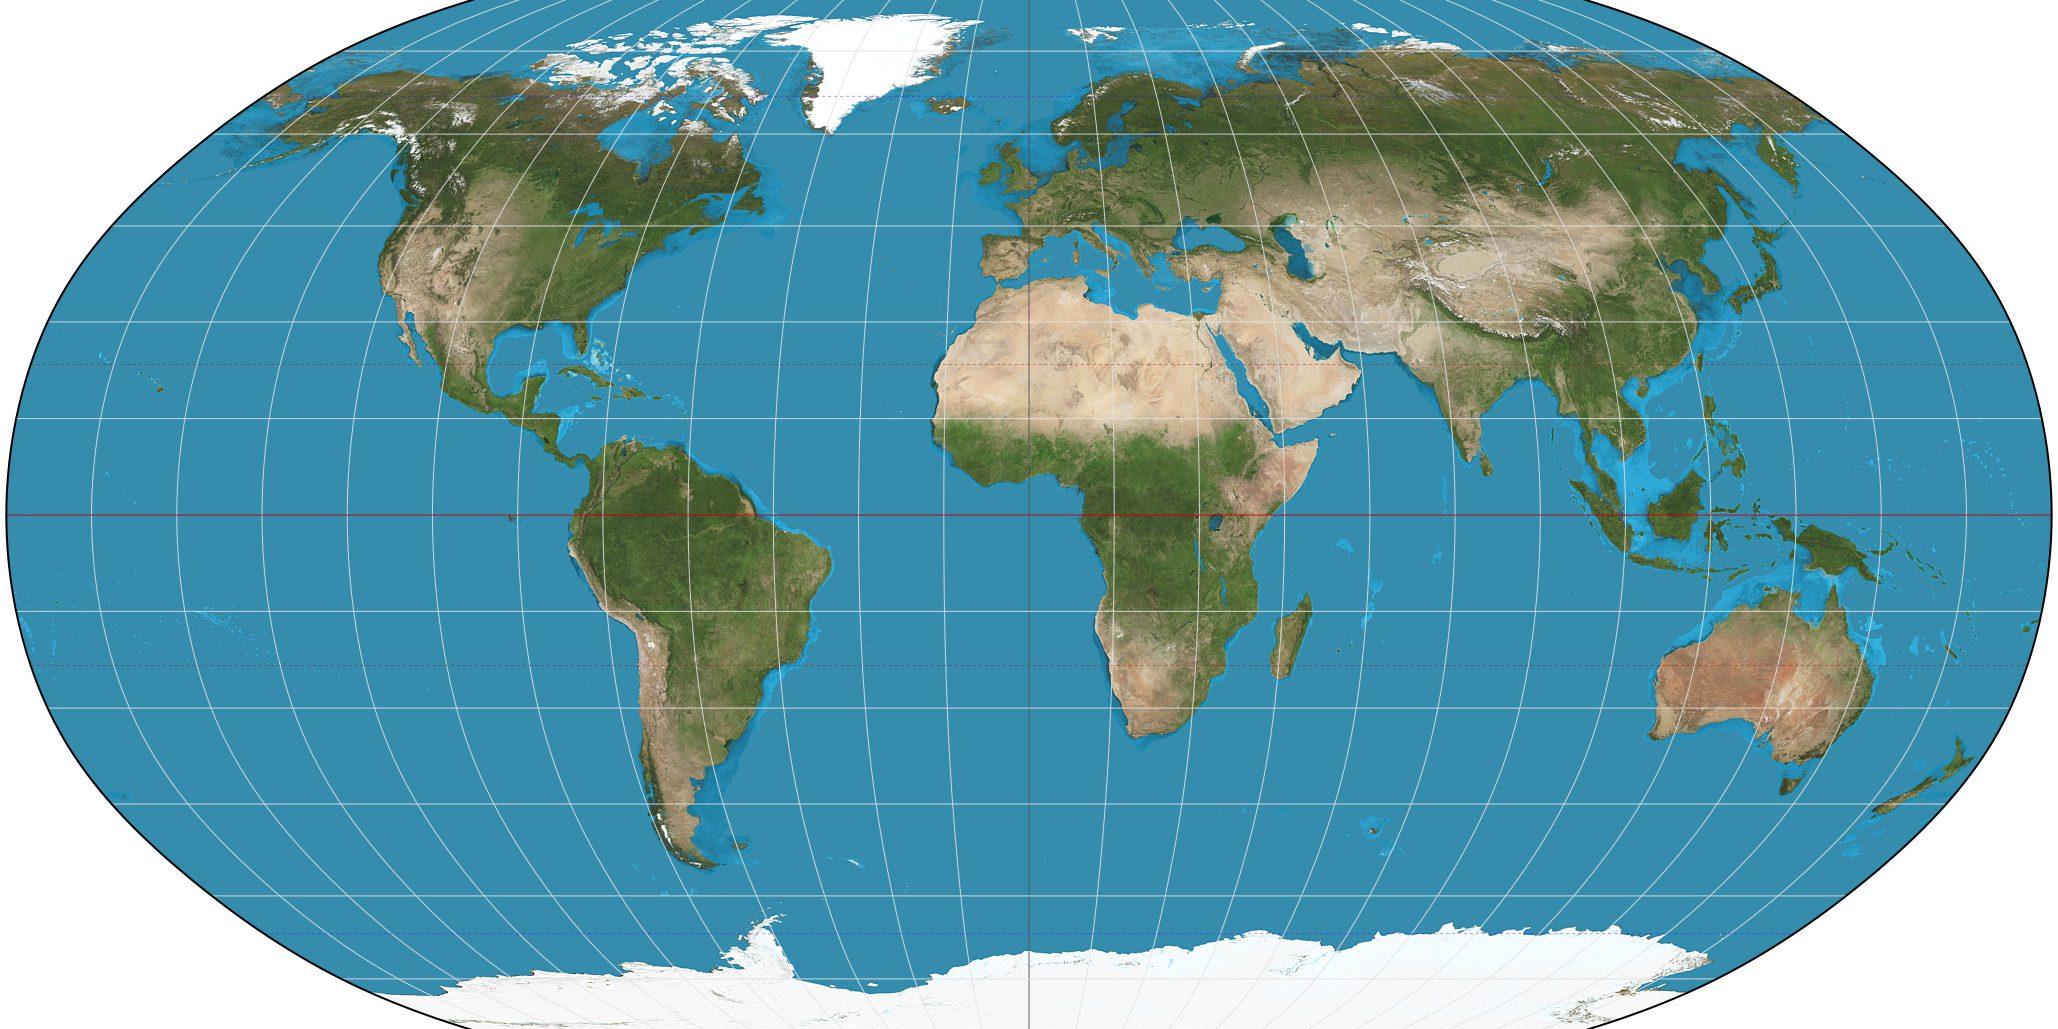 Cuales Son Las Proyecciones Cartograficas Mas Utilizadas